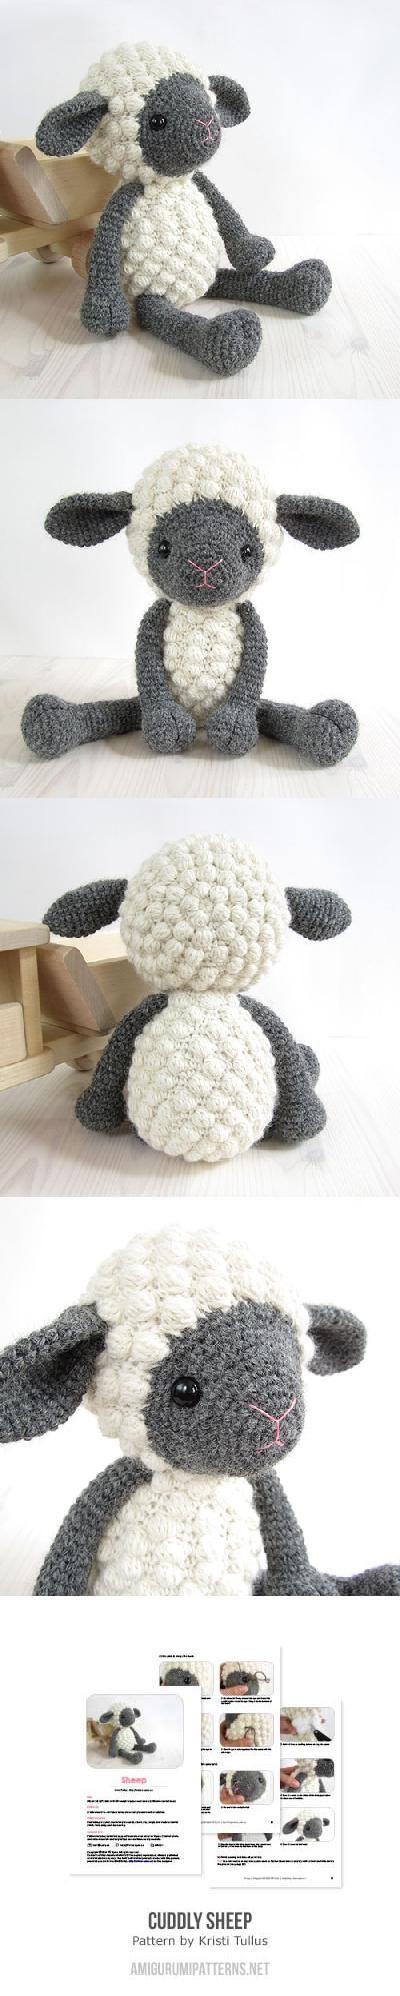 Cuddly sheep amigurumi pattern by Kristi Tullus | Oveja, Tejido y ...